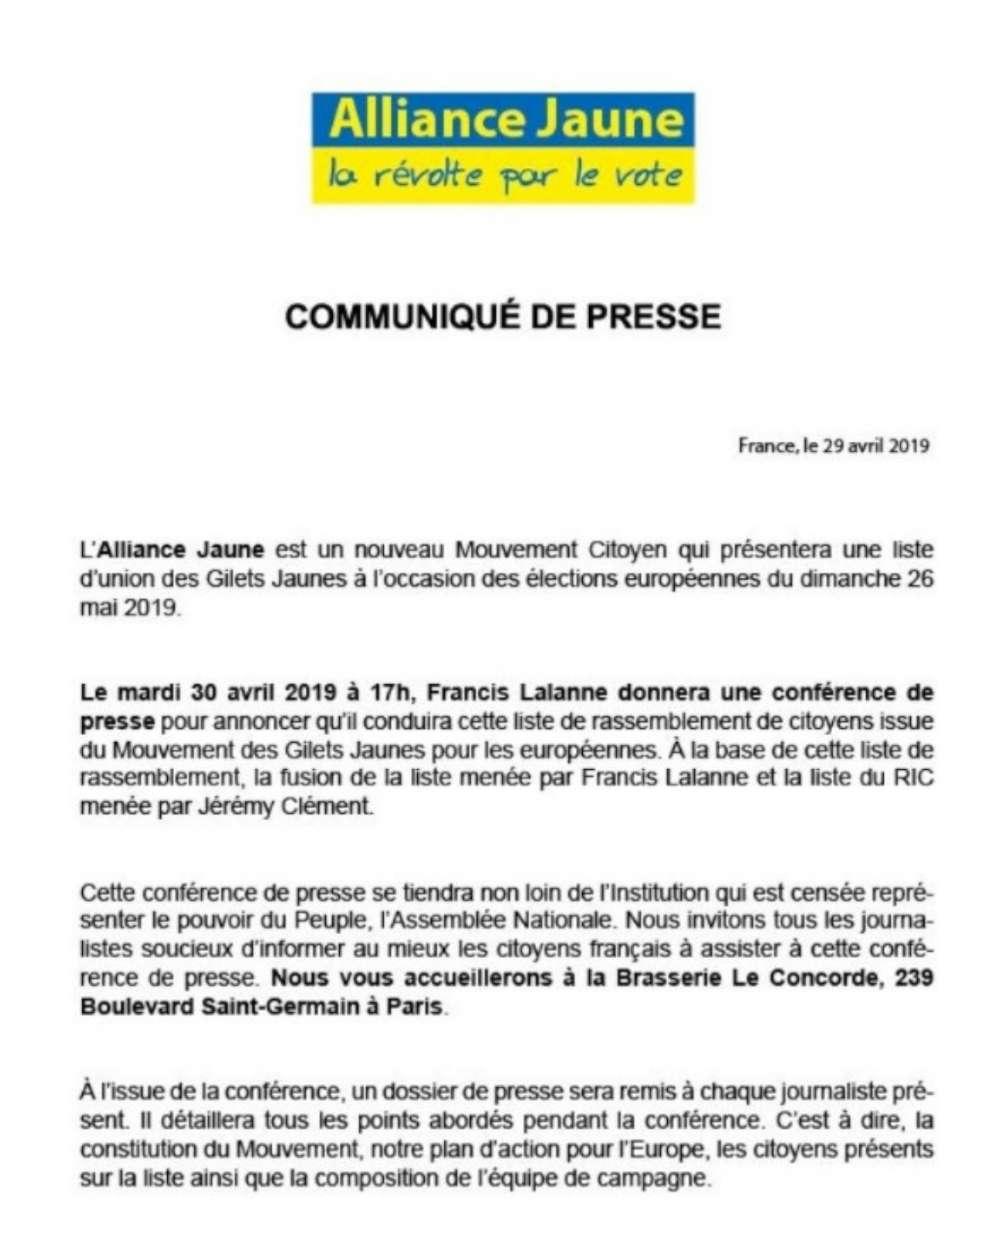 Européennes 2019: Francis Lalanne veut présenter une liste pour rassembler les gilets jaunes